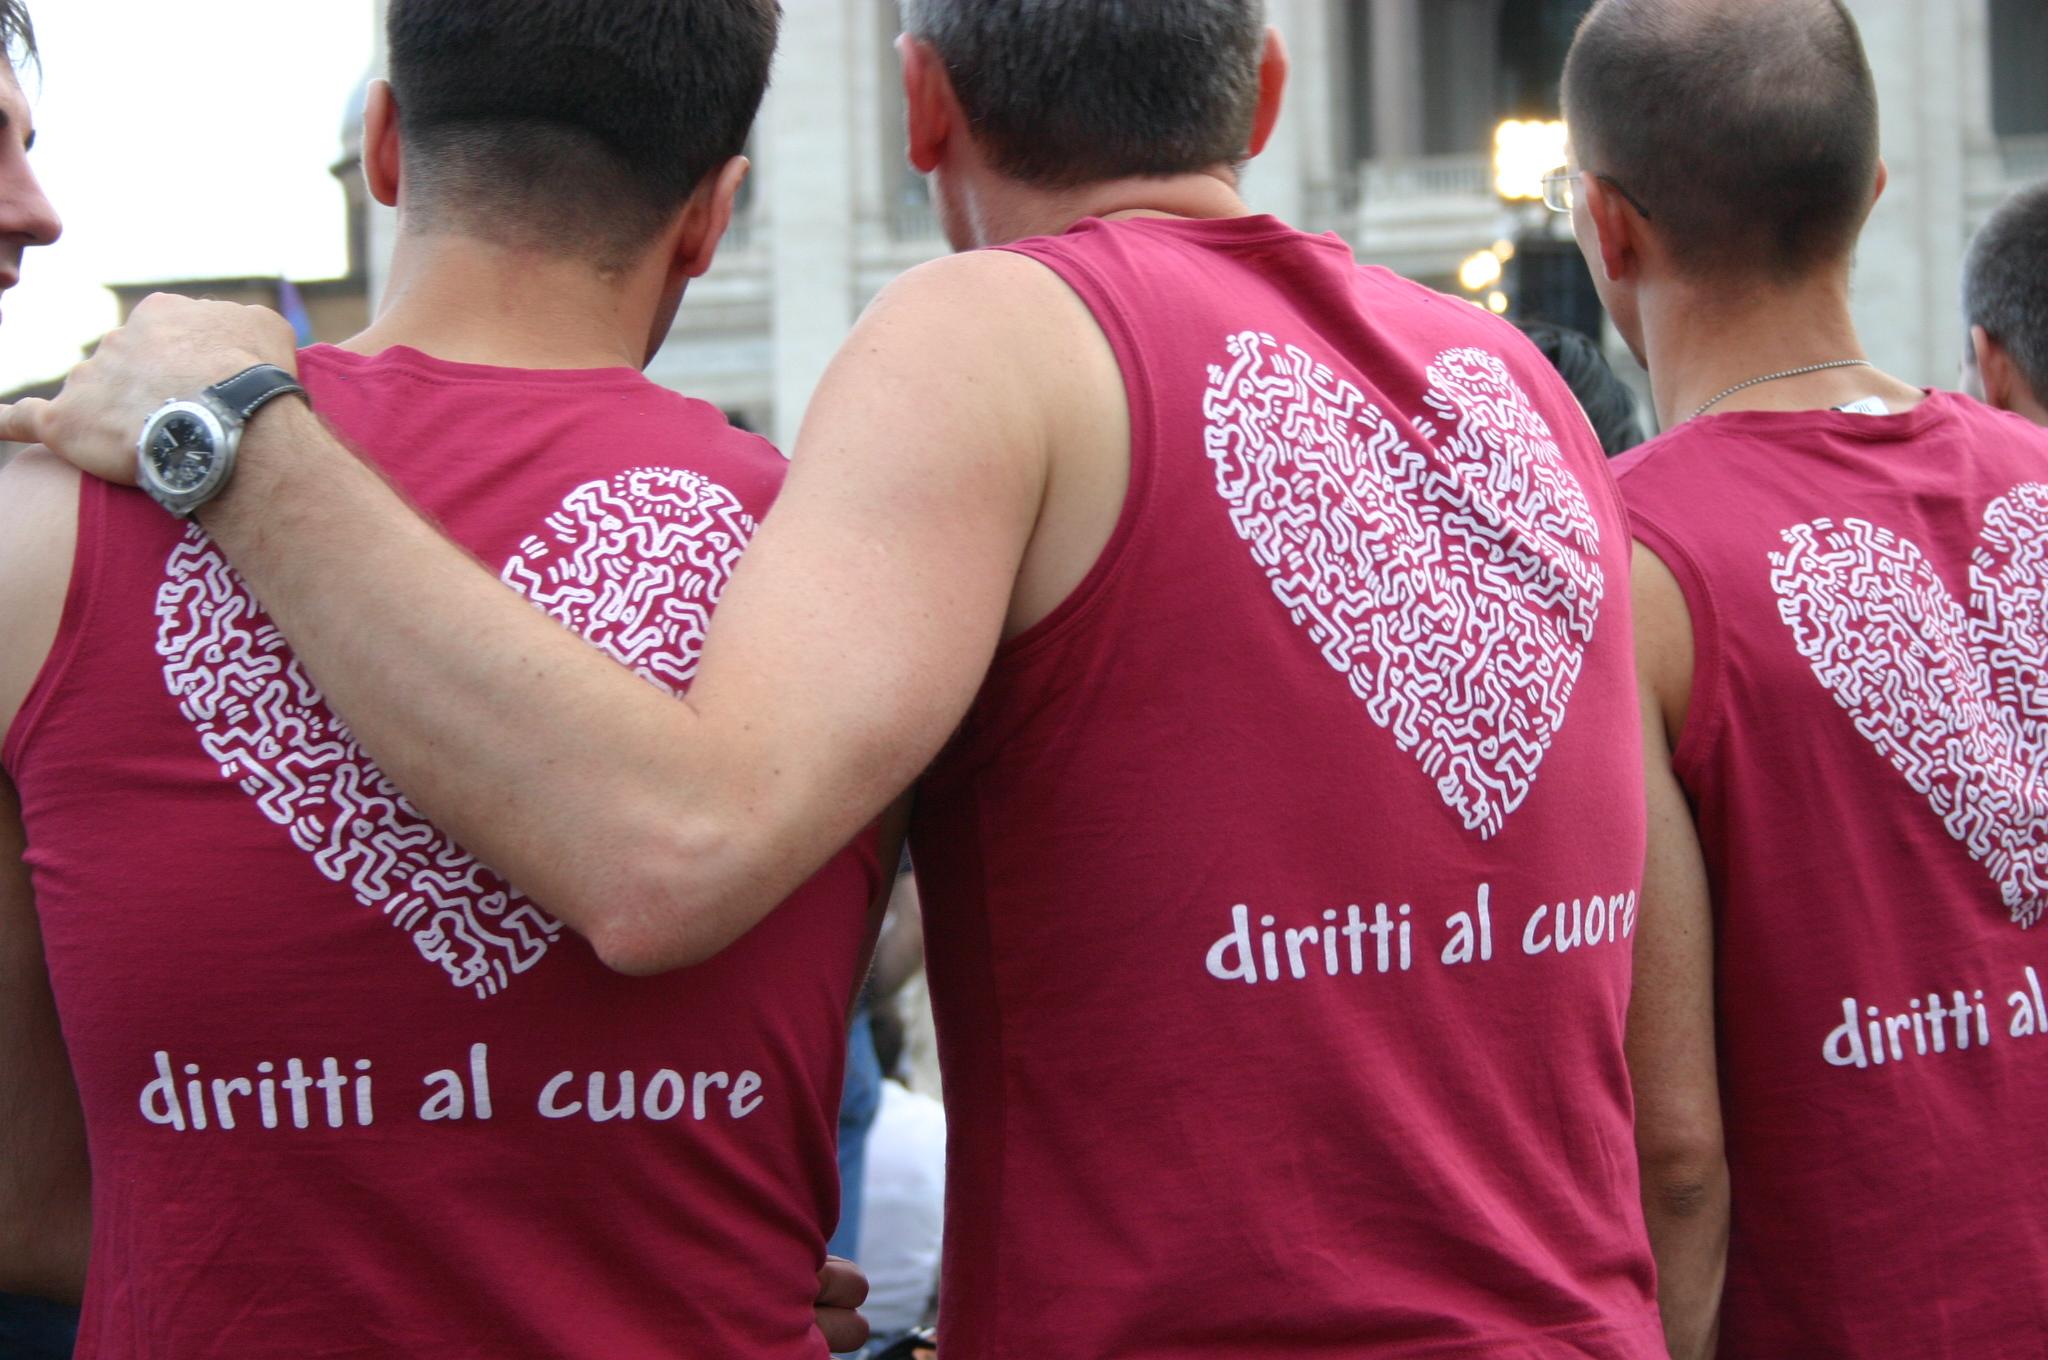 https://i0.wp.com/upload.wikimedia.org/wikipedia/commons/9/93/Diritti_al_cuore_-_Gay_Pride_di_Roma,_16-6-2007_-_Foto_Giovanni_Dall%27Orto.jpg